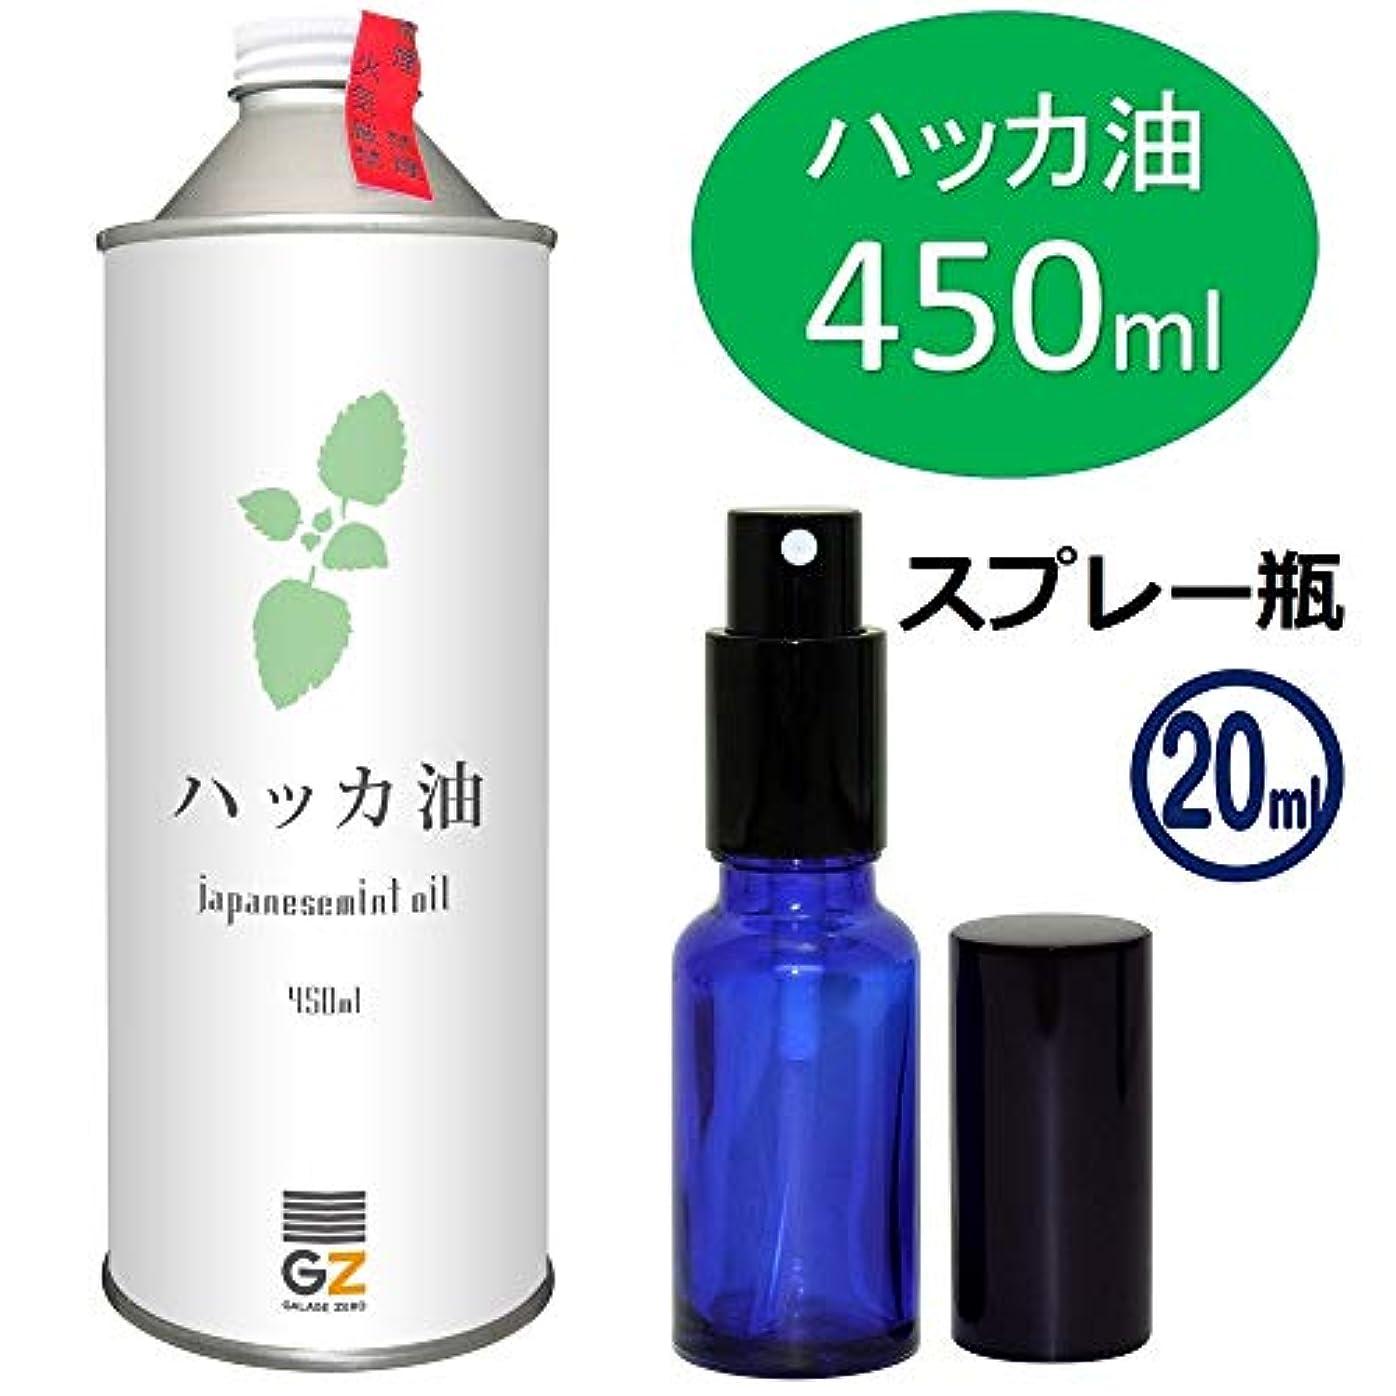 アサーインゲン容疑者ガレージ?ゼロ ハッカ油 450ml(GZAK13)+ガラス瓶 スプレーボトル20ml/和種薄荷/ジャパニーズミント GSE534